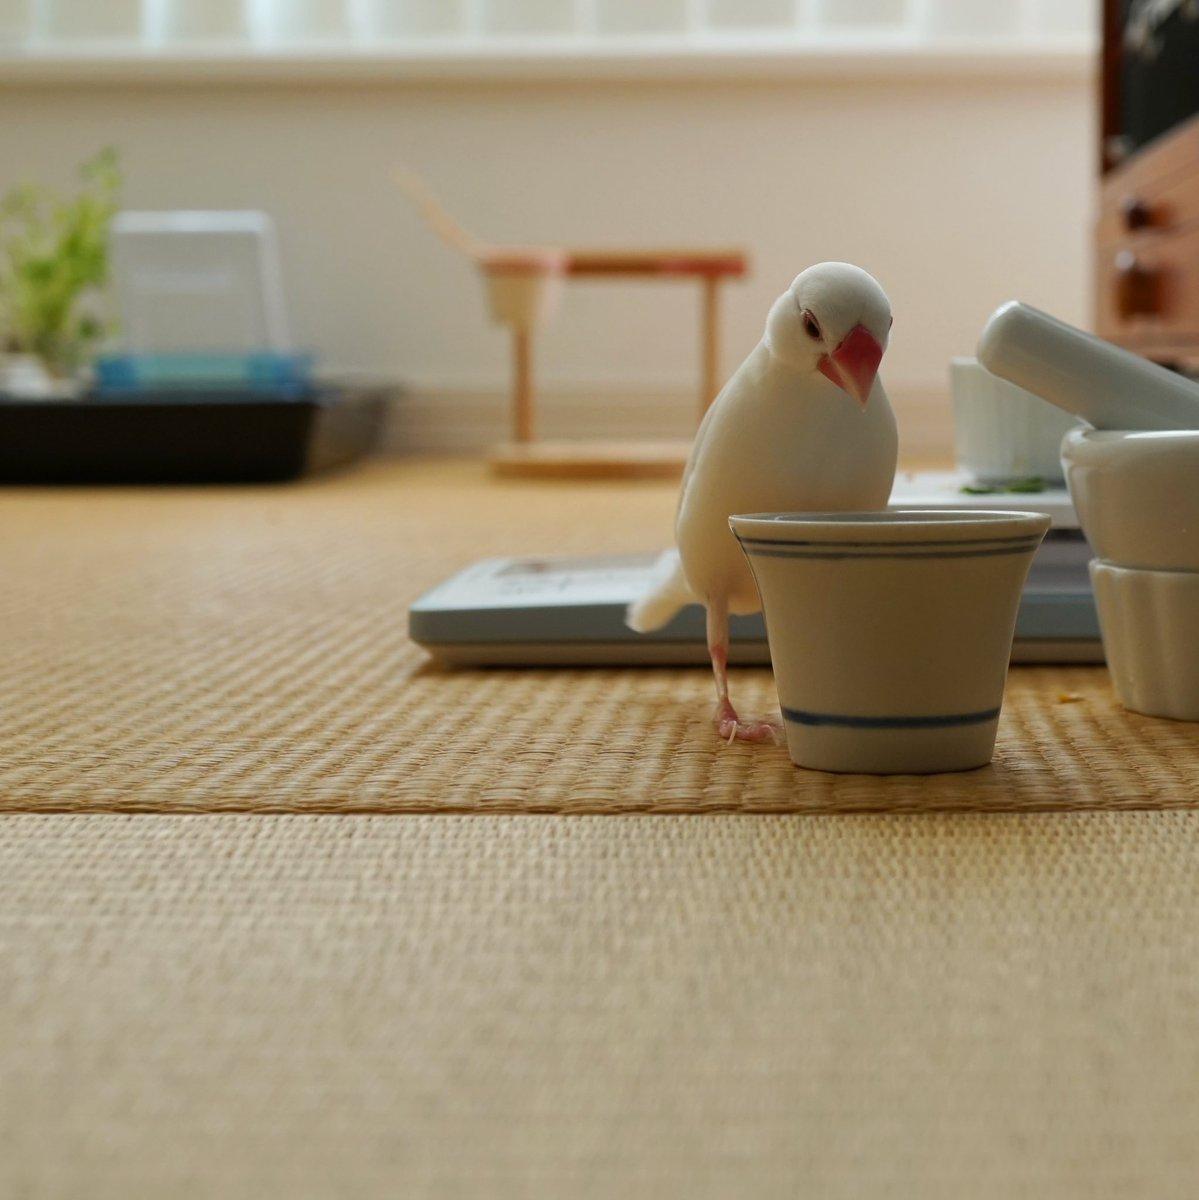 餌入れに餌が入っていないことを知った時の絶望感。  #文鳥